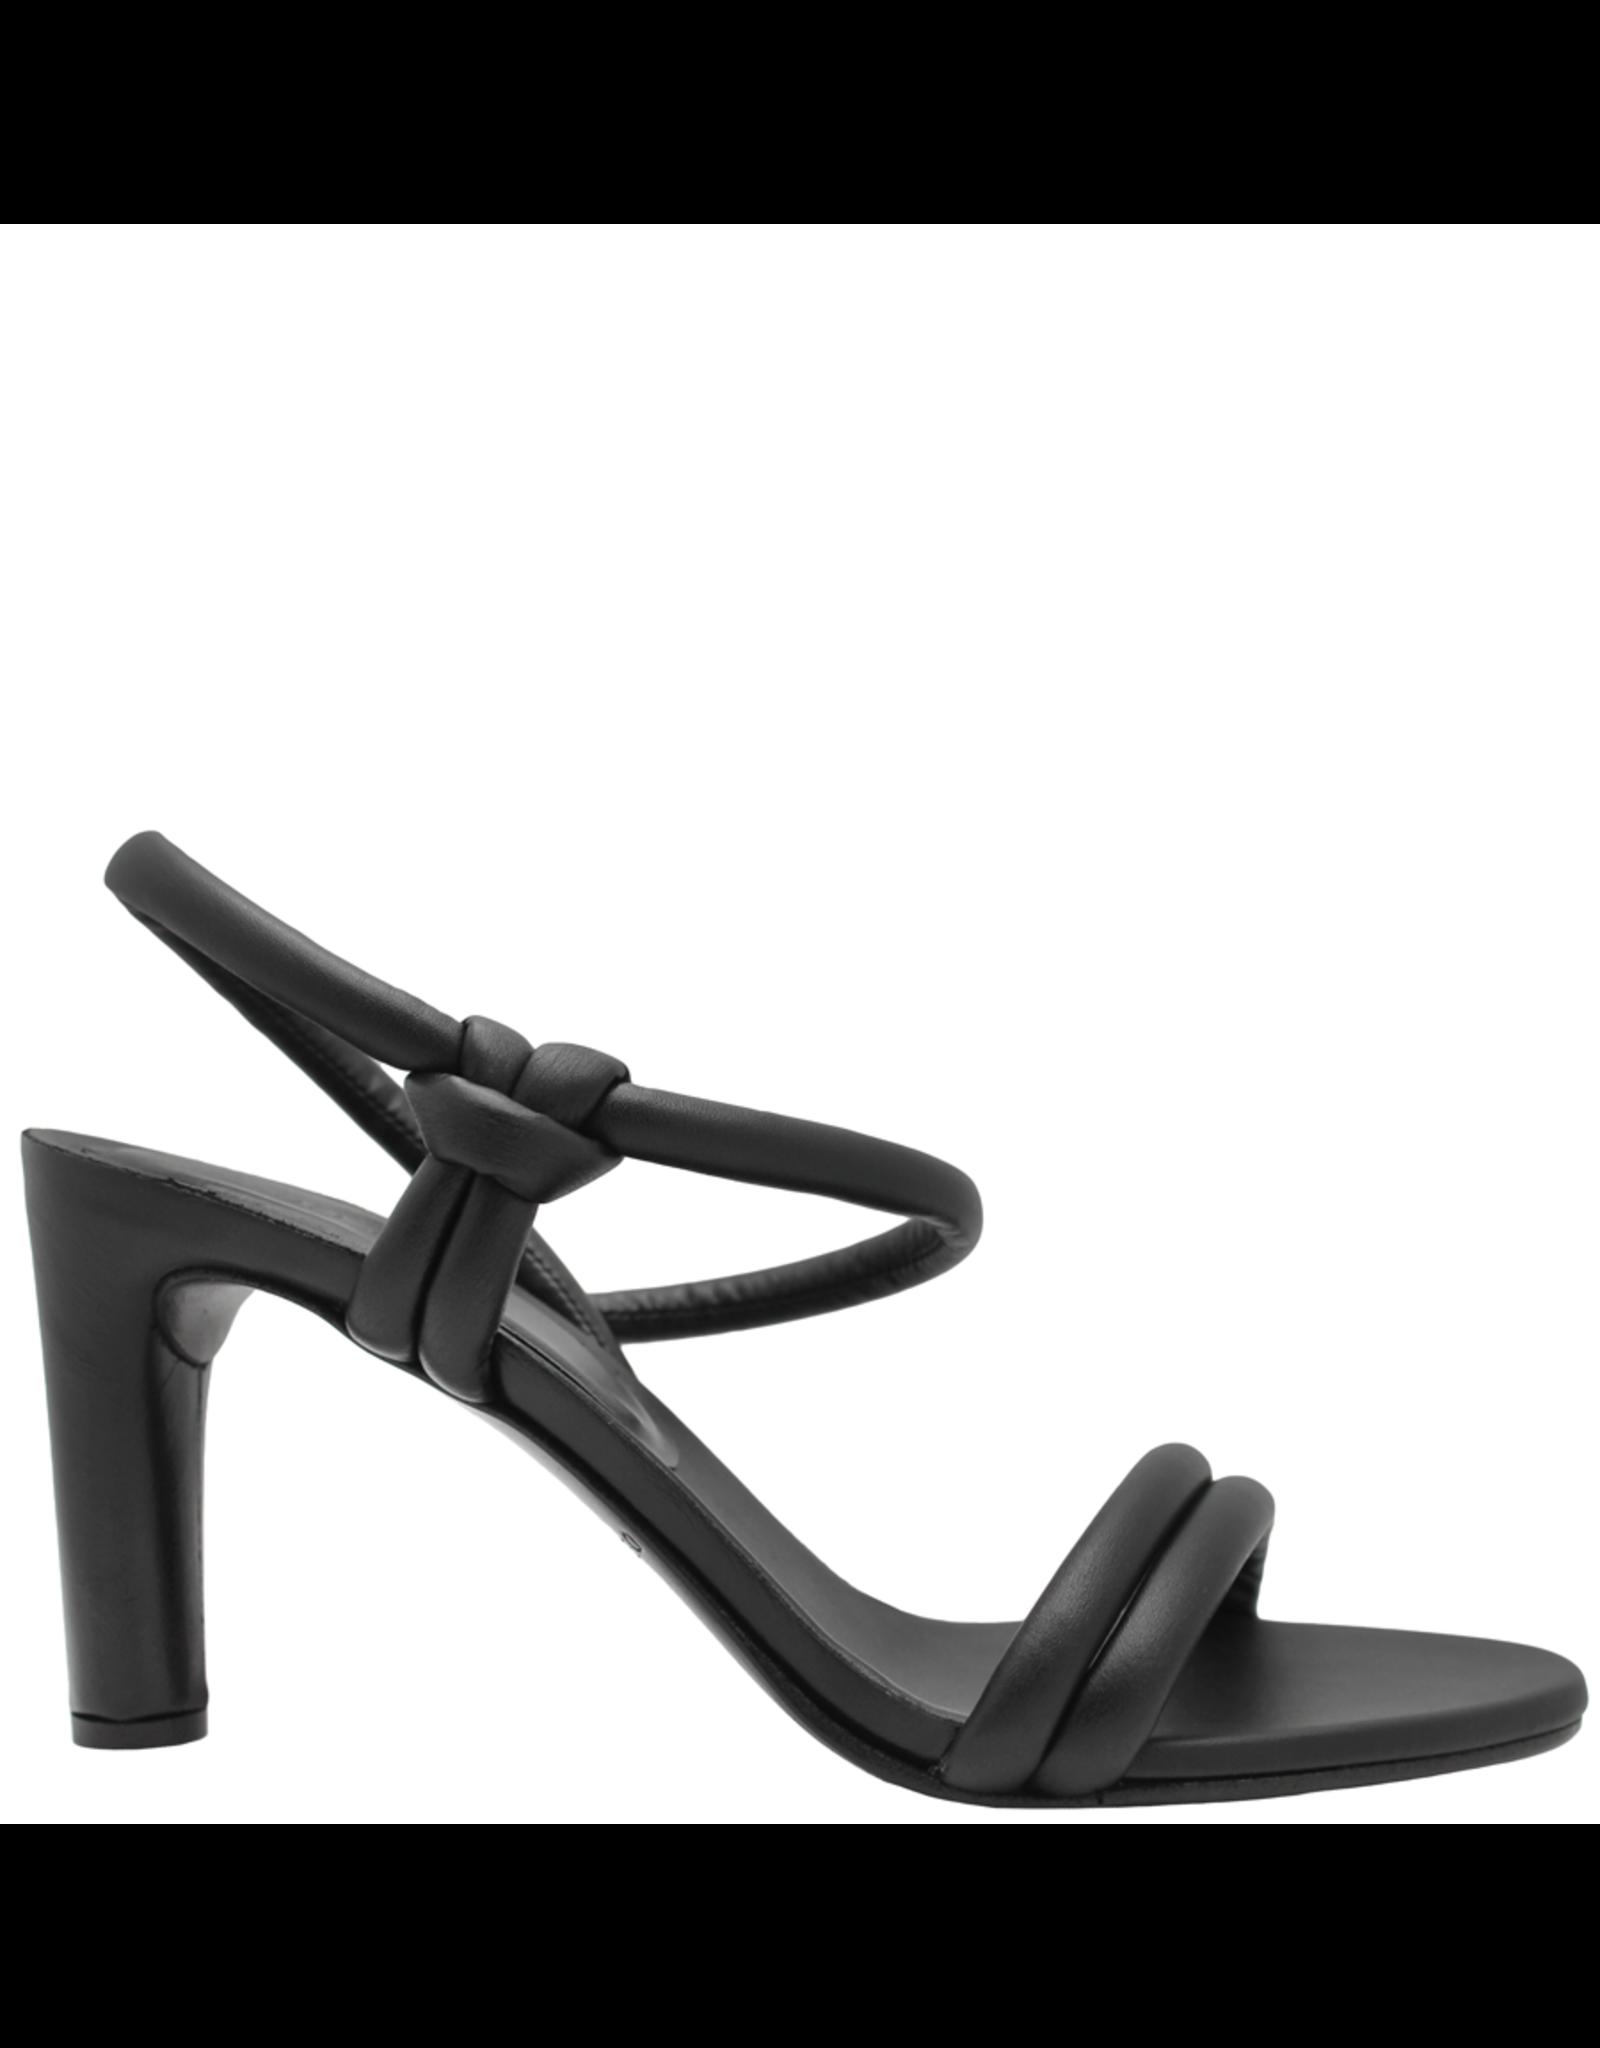 Del Carlo DelCarlo Black Strap Sandal 1073